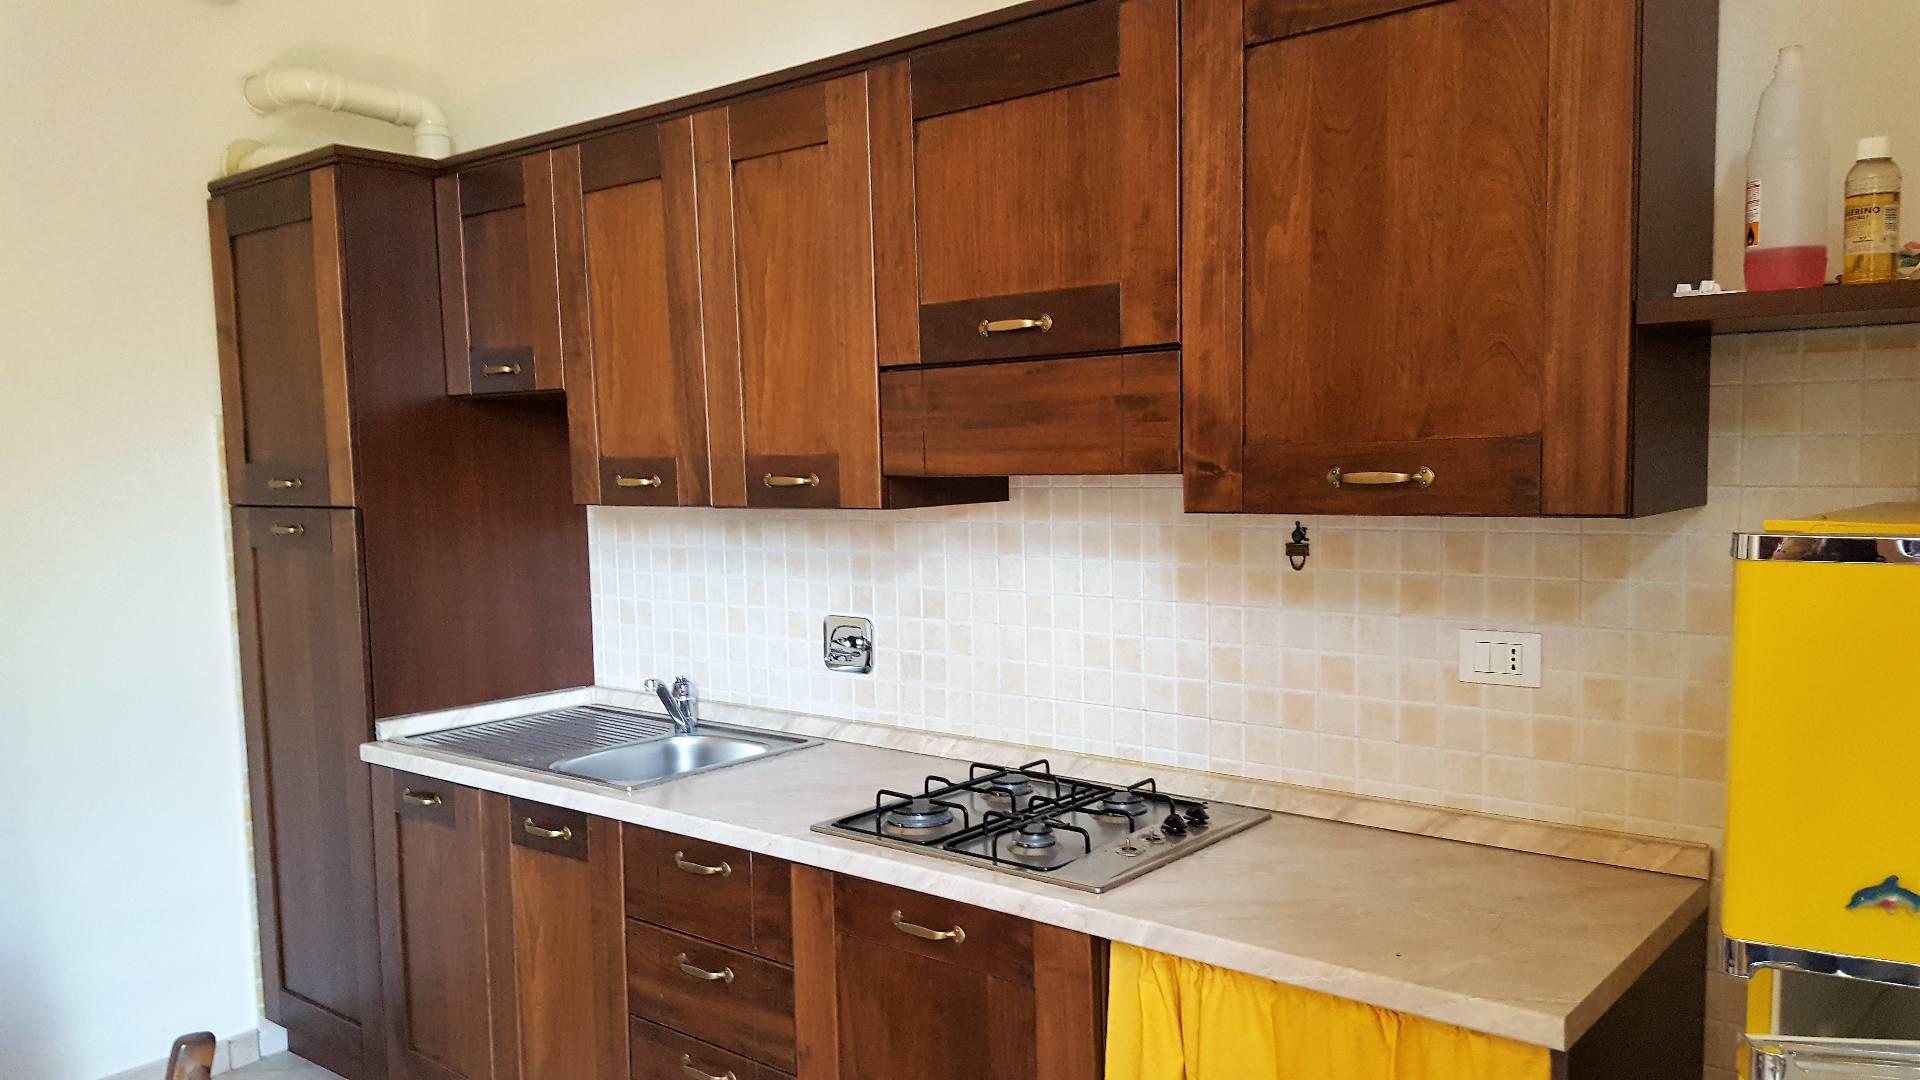 Appartamento in vendita a Santa Luce, 4 locali, zona Zona: Pastina, prezzo € 150.000 | Cambio Casa.it